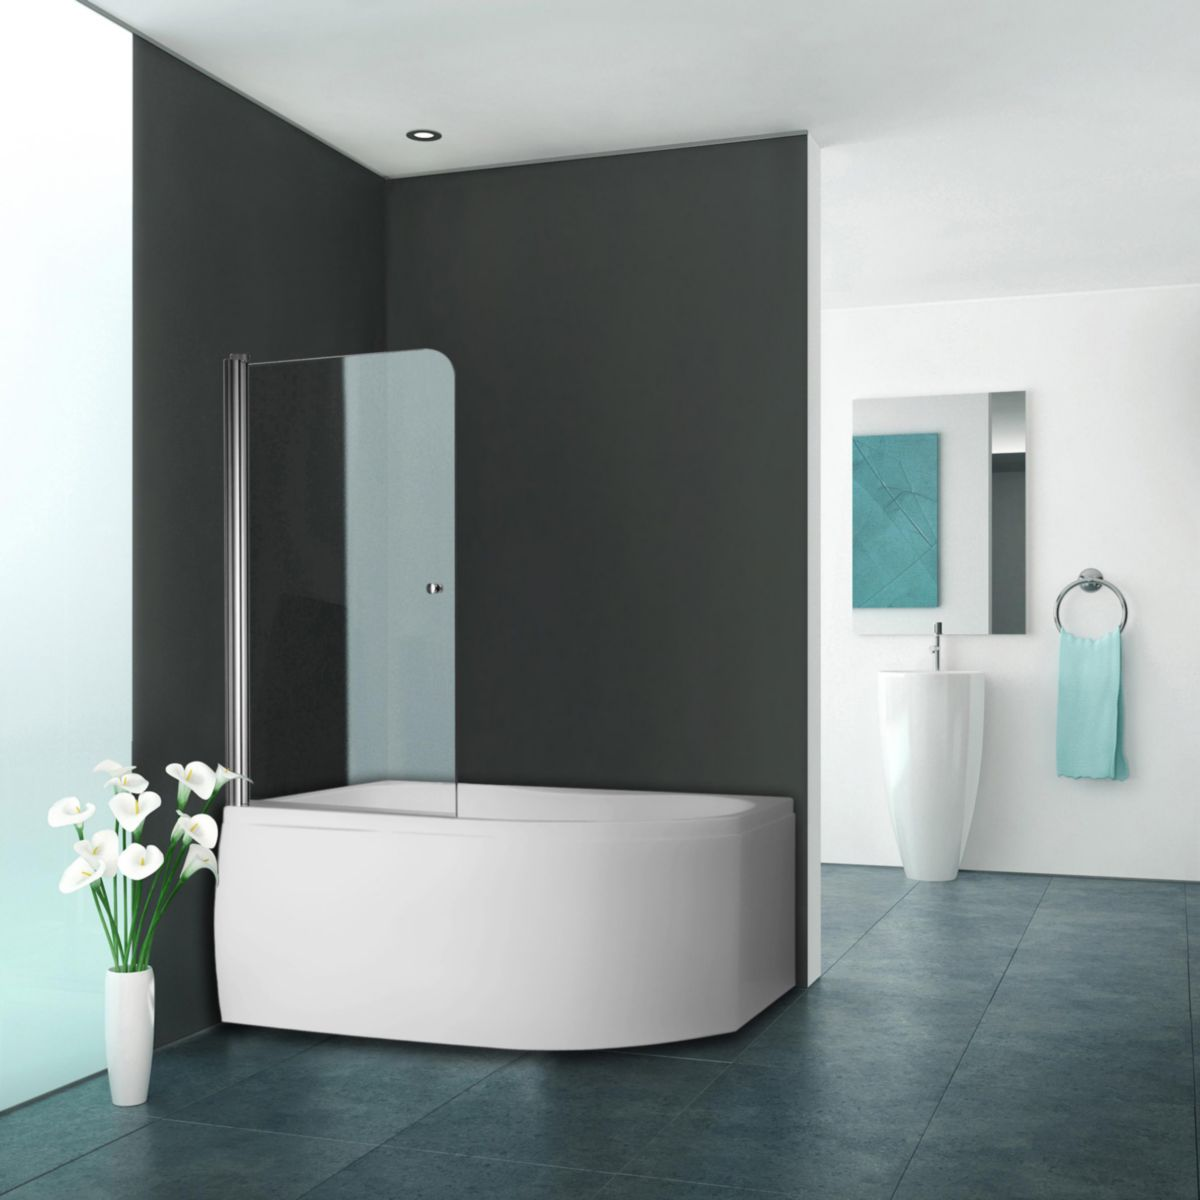 paroi de baignoire 1 lment pivotant srie equi largeur 800 mm hauteur 1400 mm profil argent poli verre clair trait anticalcaire pa rothalux - Cloison Verre Salle De Bain